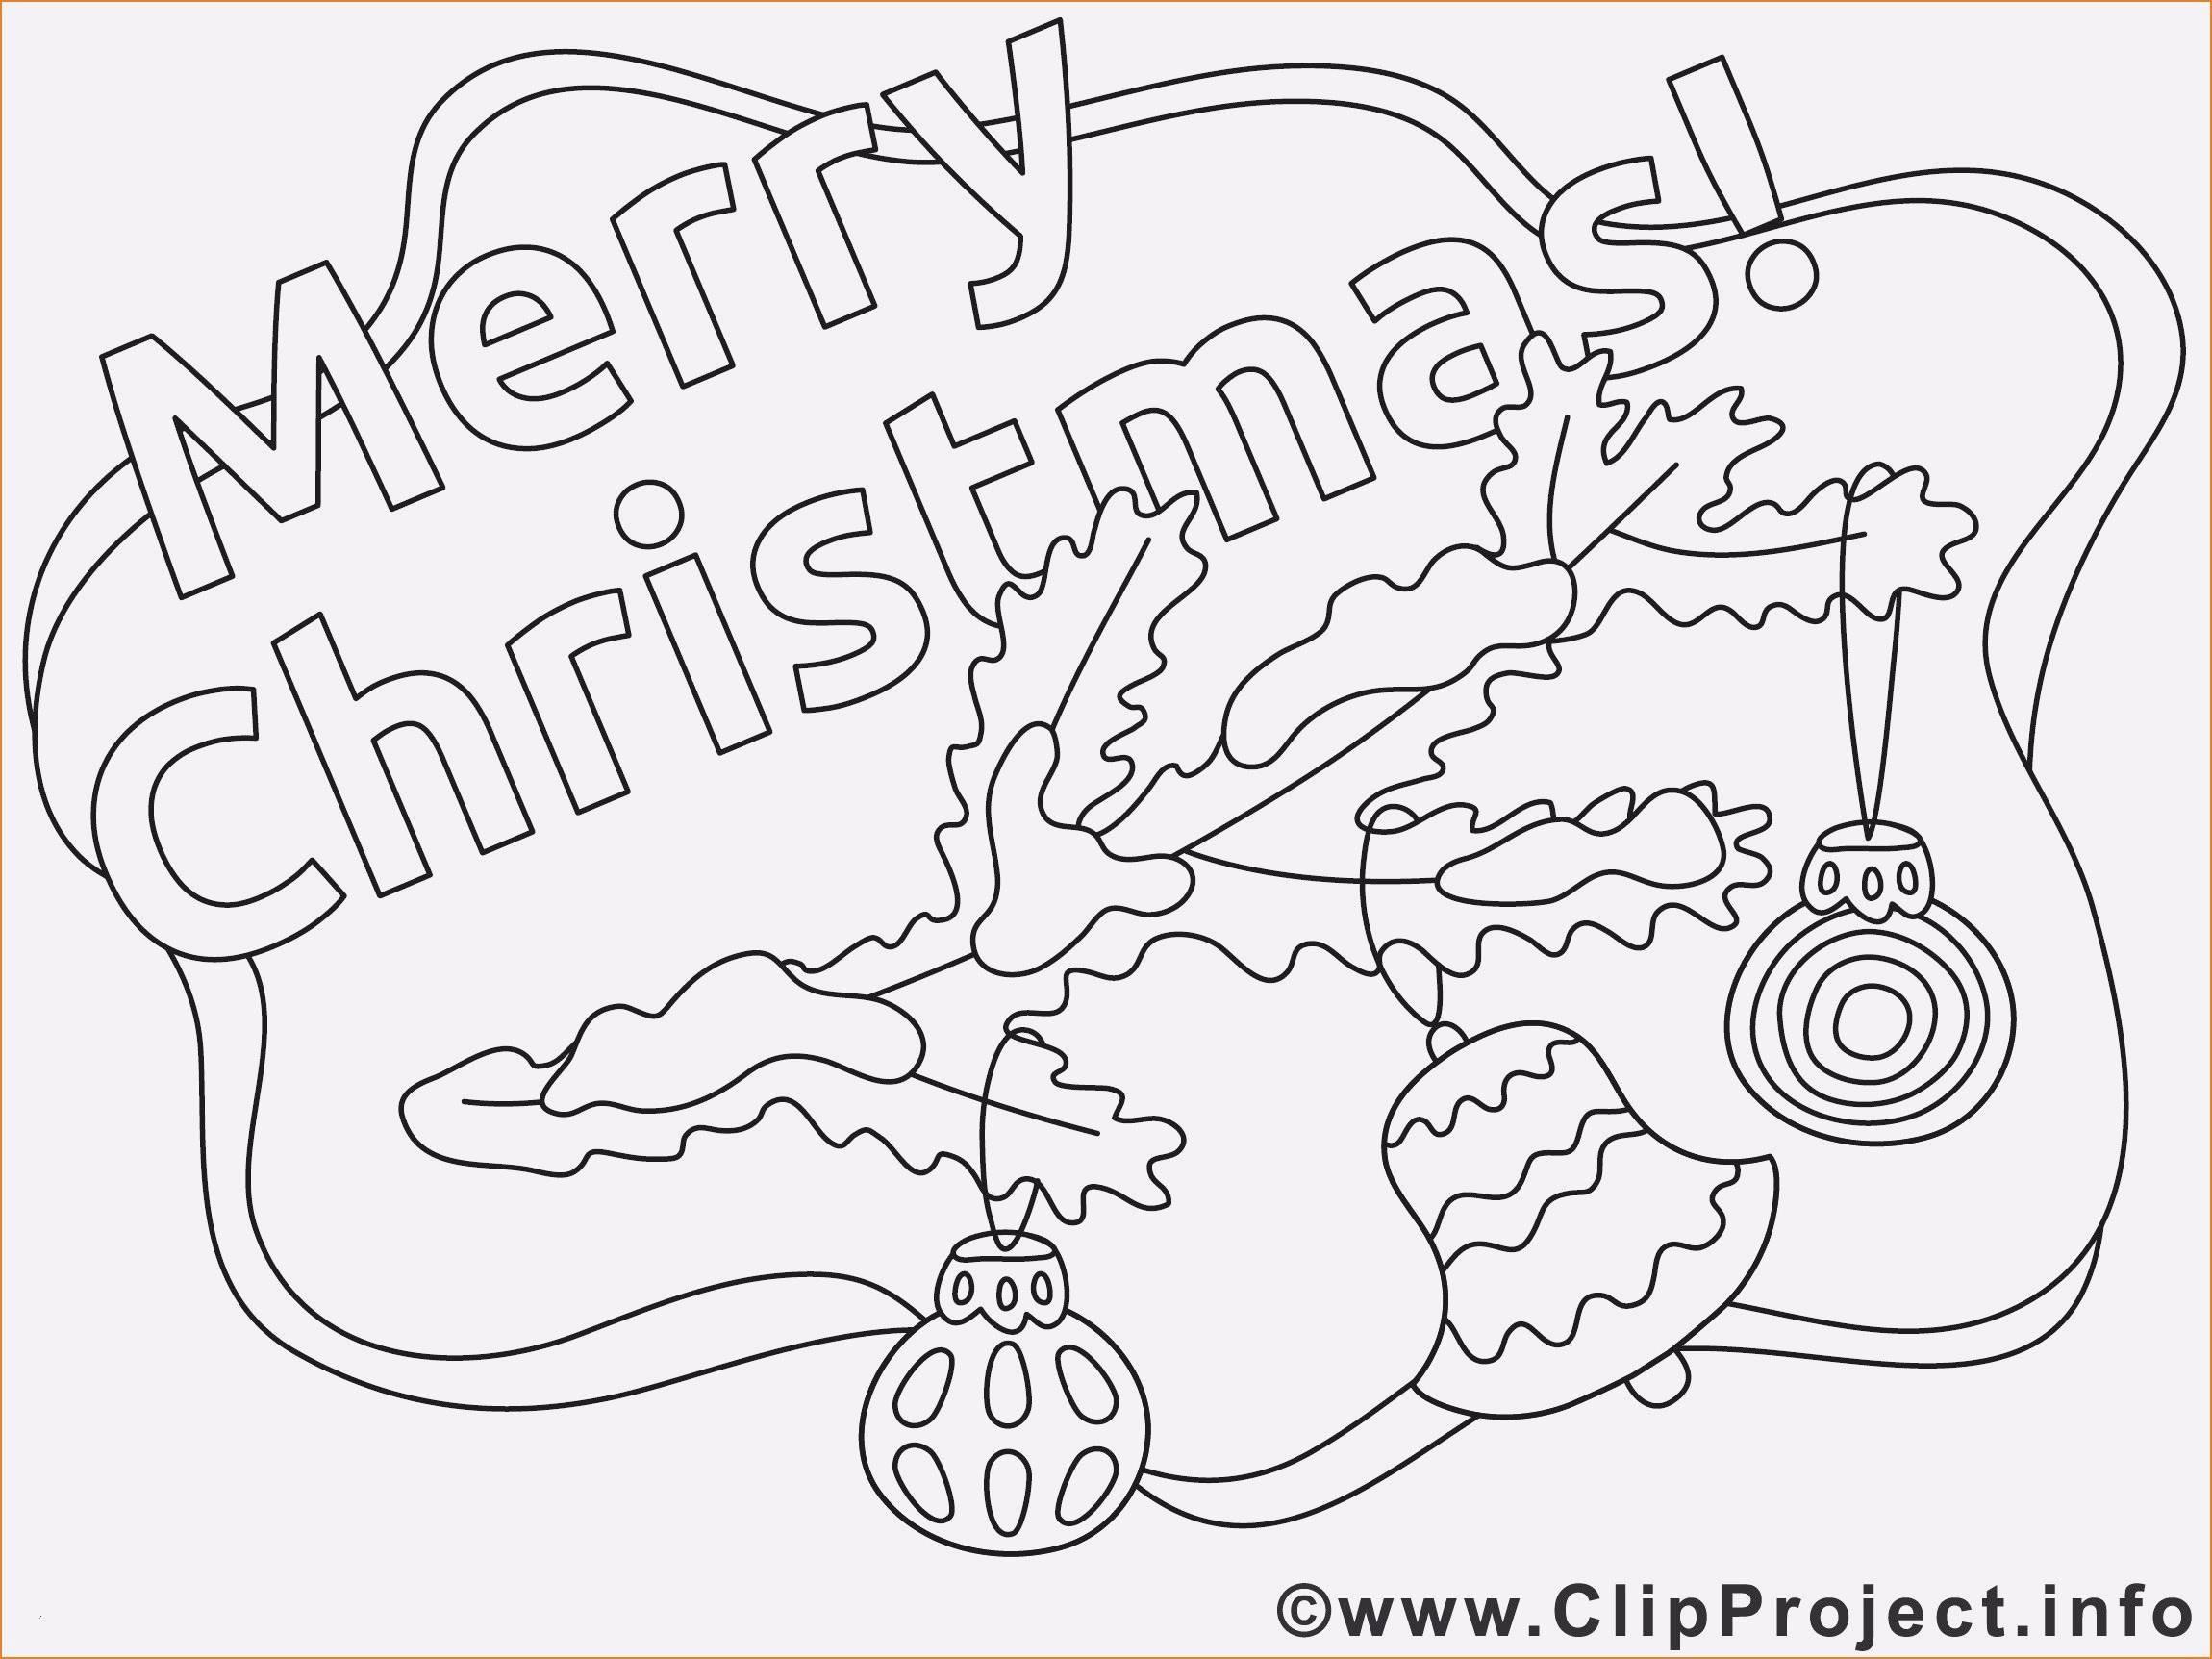 Ausmalbilder Weihnachten Disney Frisch 25 Liebenswert Ausmalbilder Kostenlos Zum Ausdrucken Weihnachten Galerie